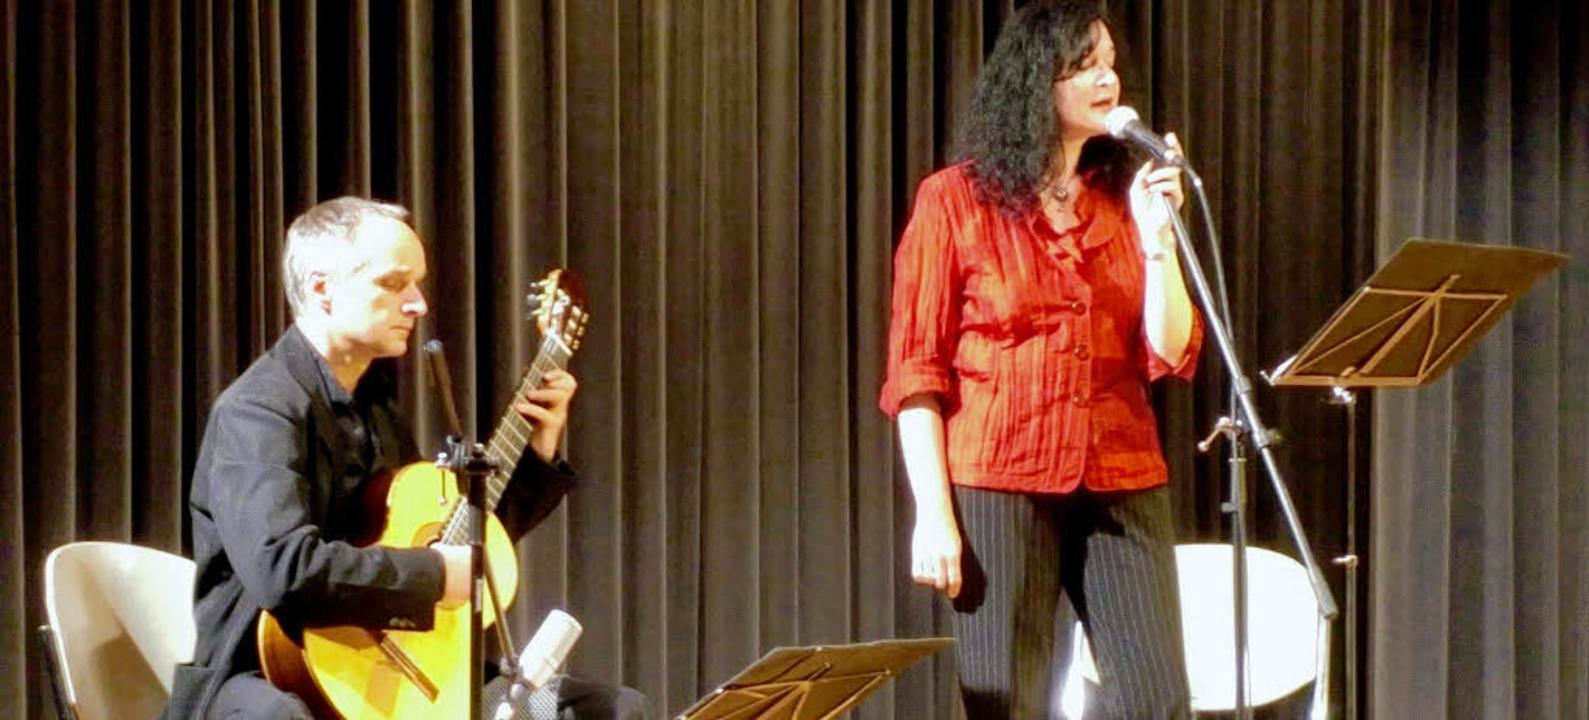 Peter Kuhz (Gitarre) und Esther Lorenz...Gundelfinger Kultur- und Vereinshaus.   | Foto: Schmid